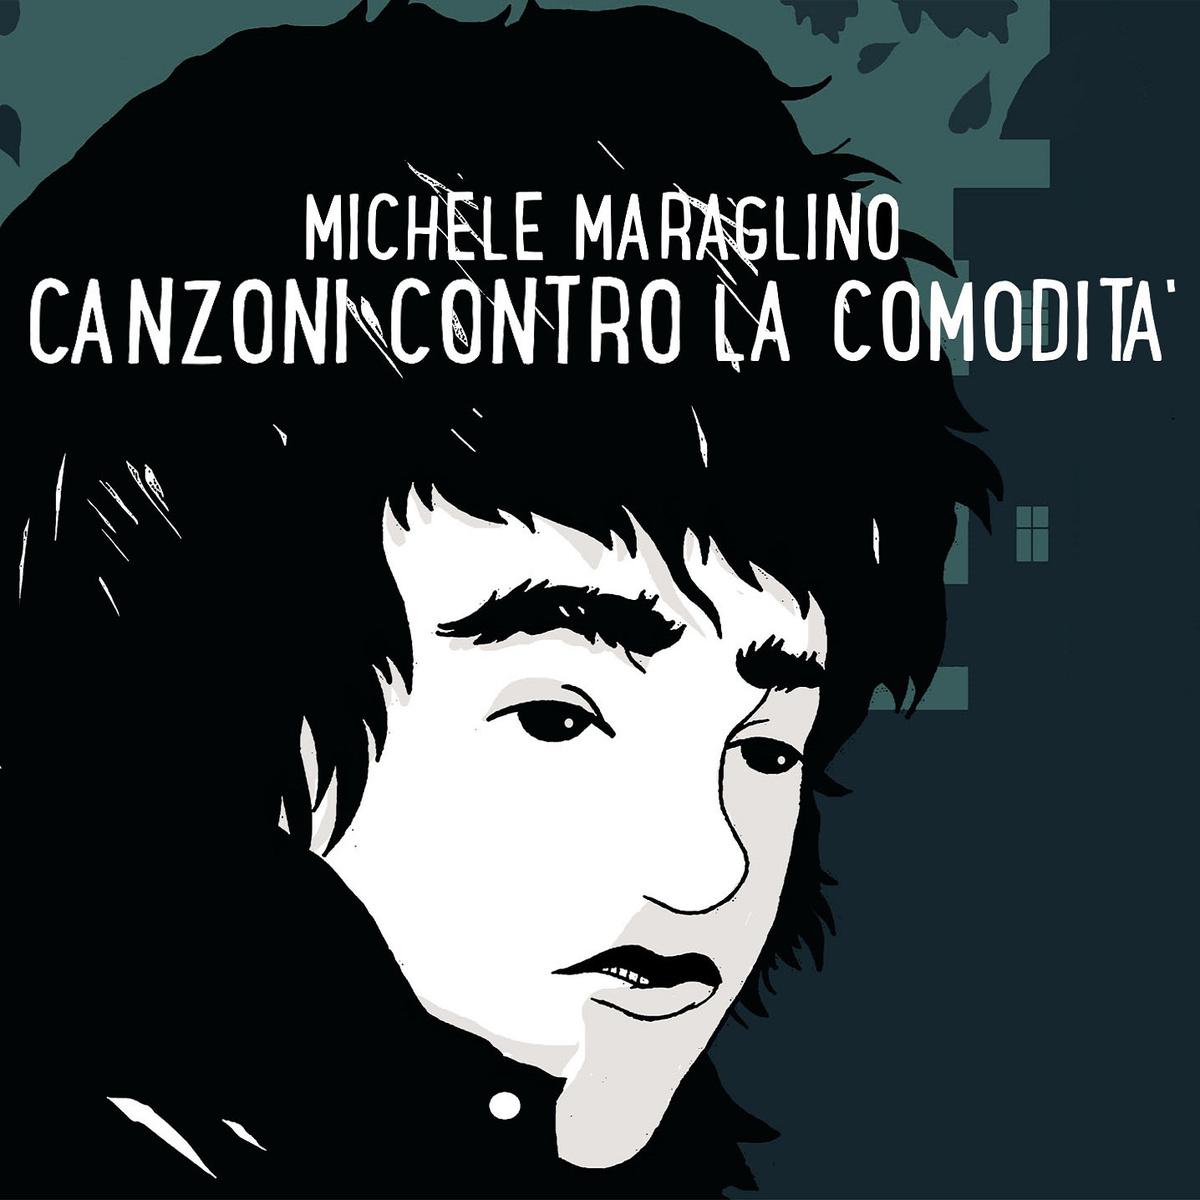 recensione Michele Maraglino- Canzoni Contro La Comodità